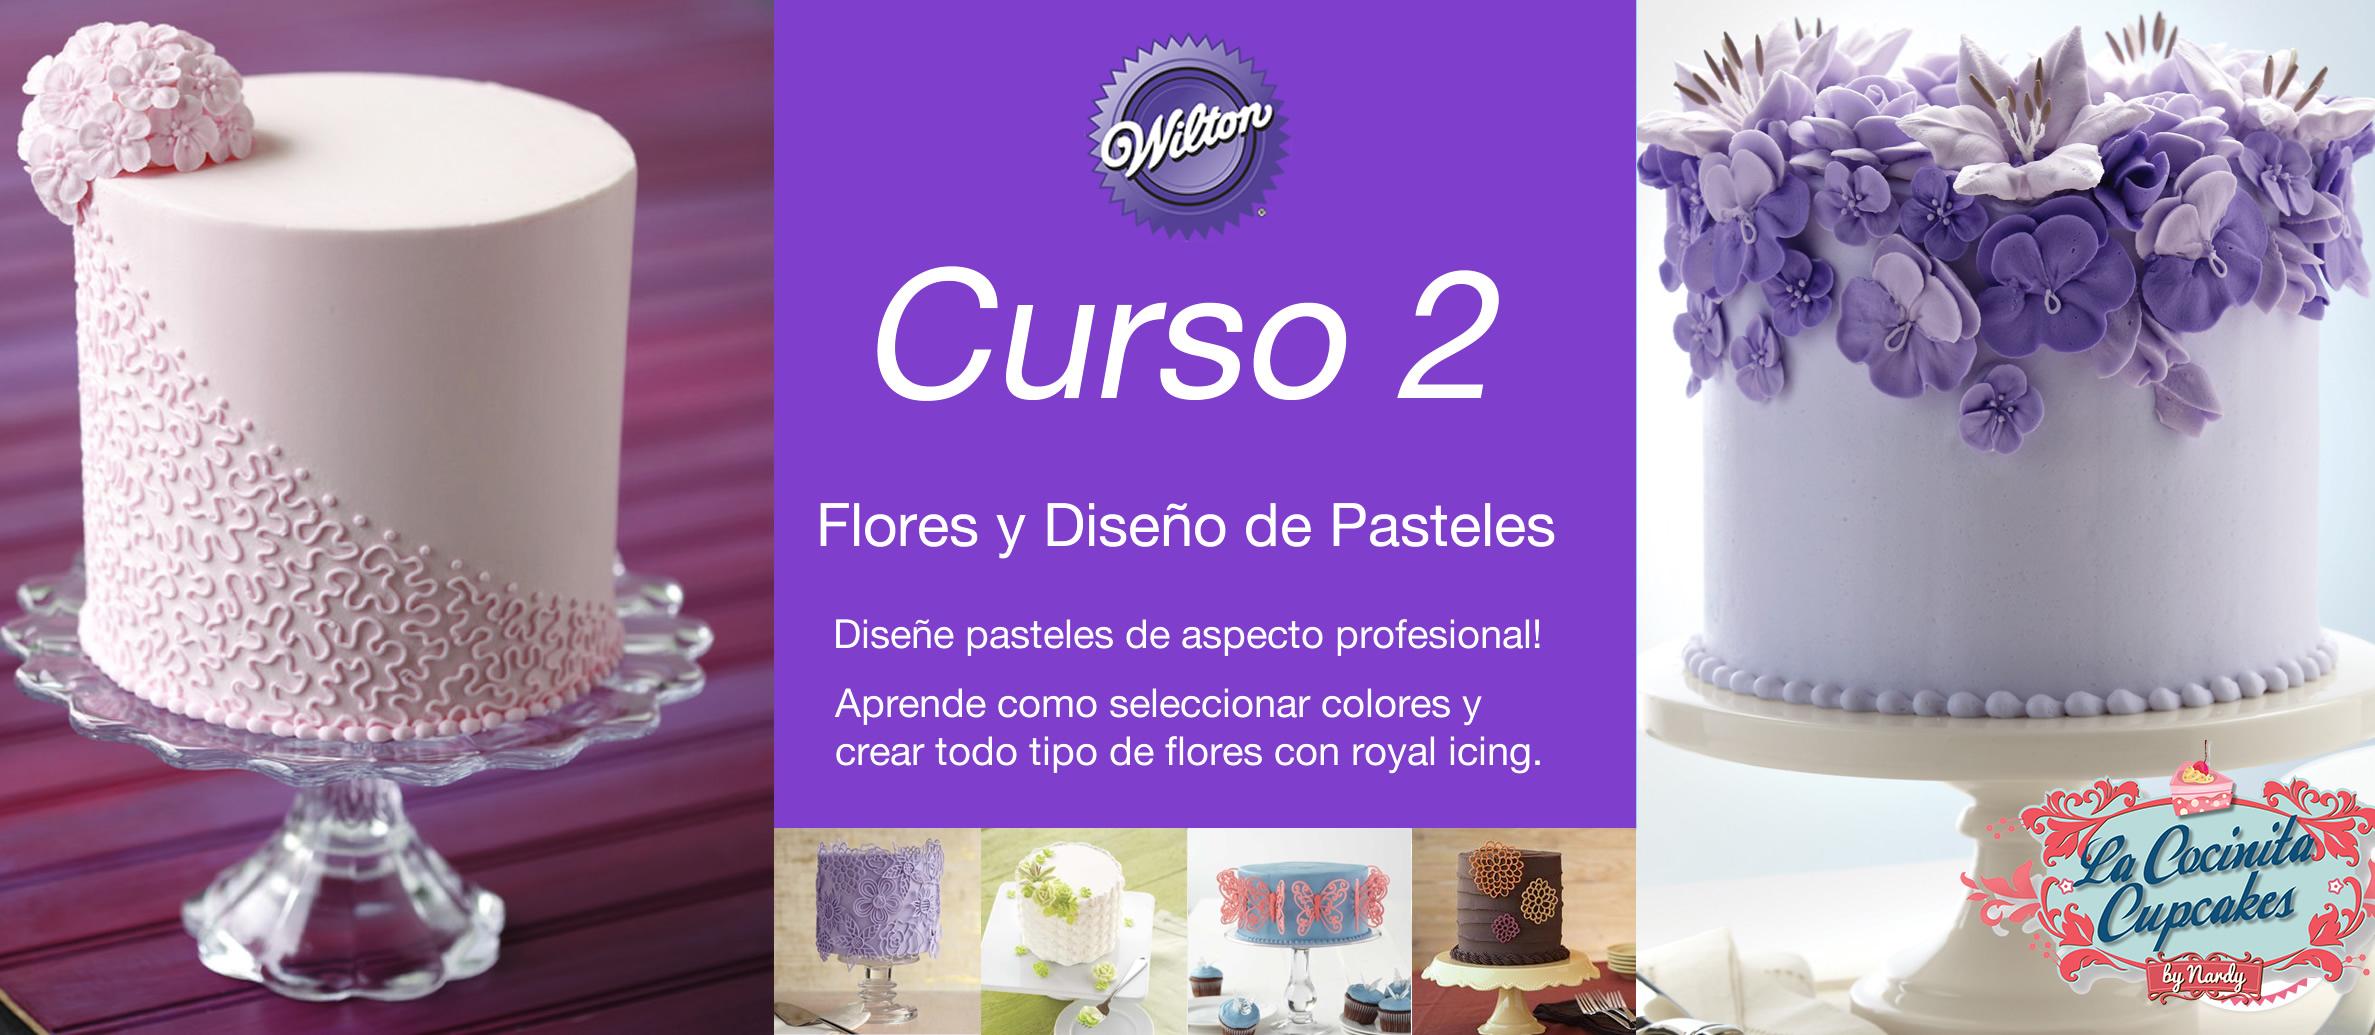 Curso Wilton 2 Flores y diseño de pasteles – La Cocinita Cupcakes